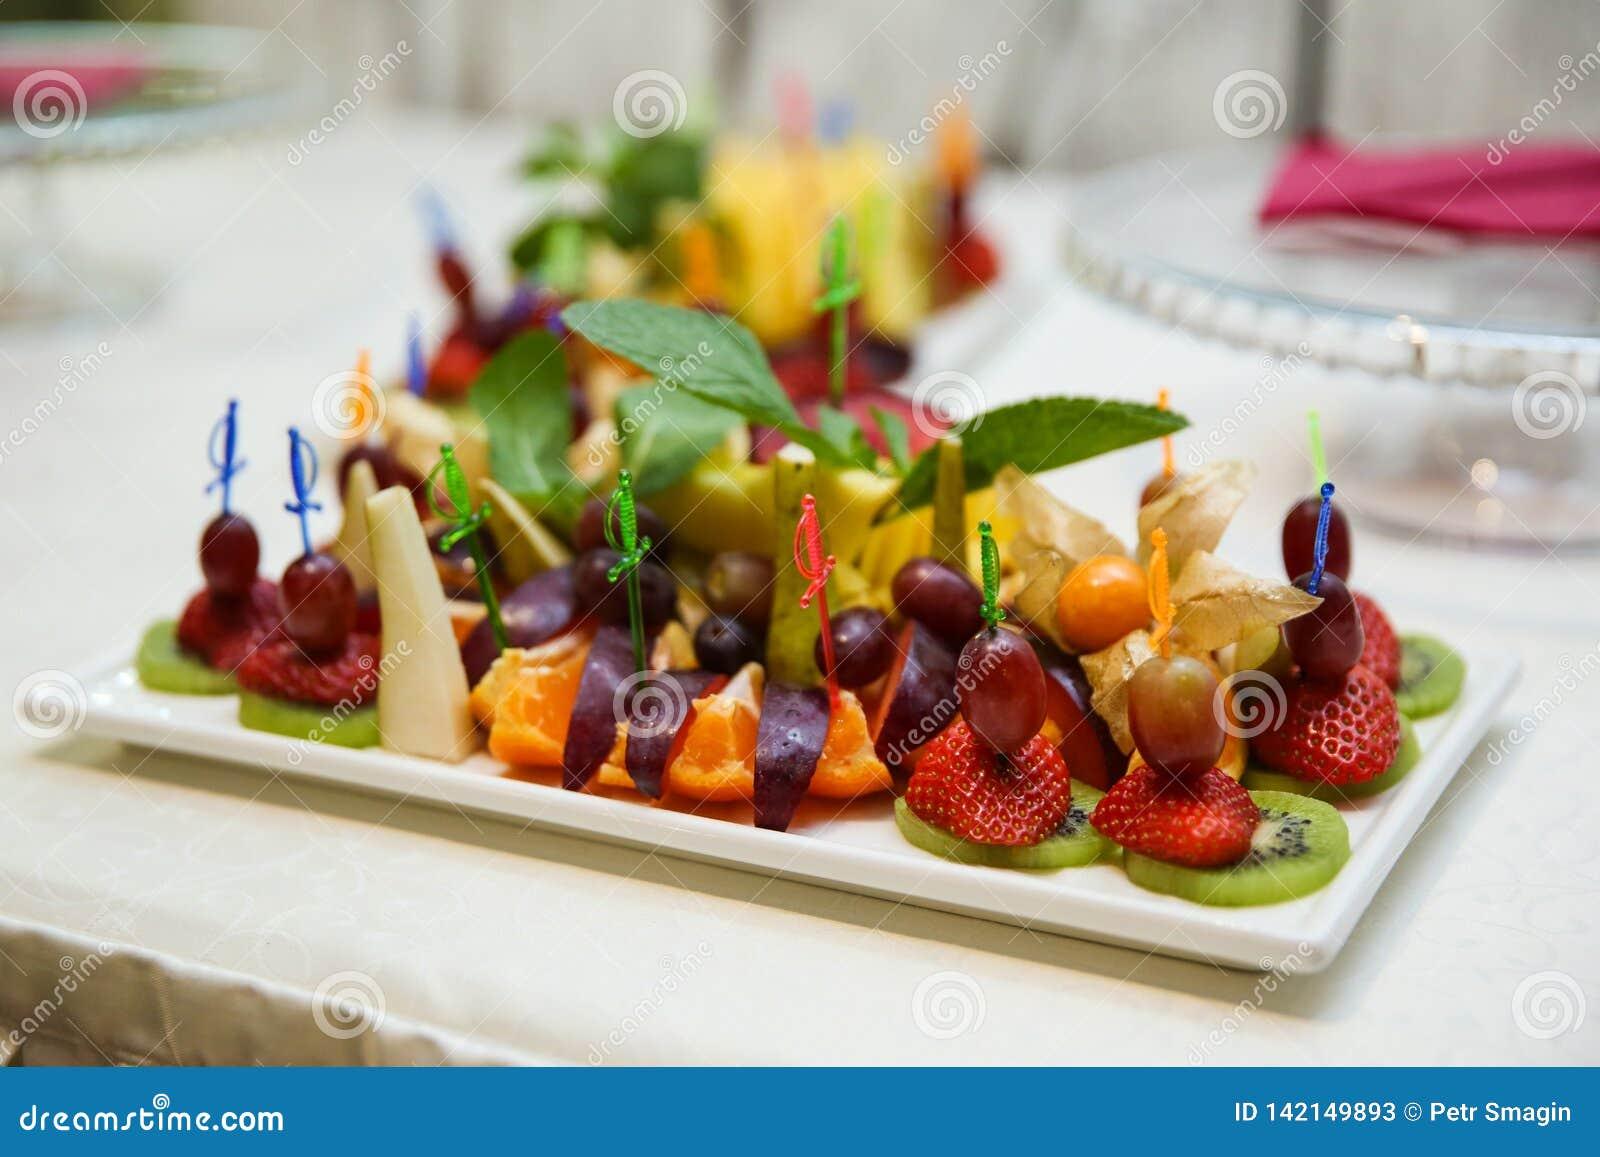 Canapes von verschiedenen Früchten und von Beeren schließen oben